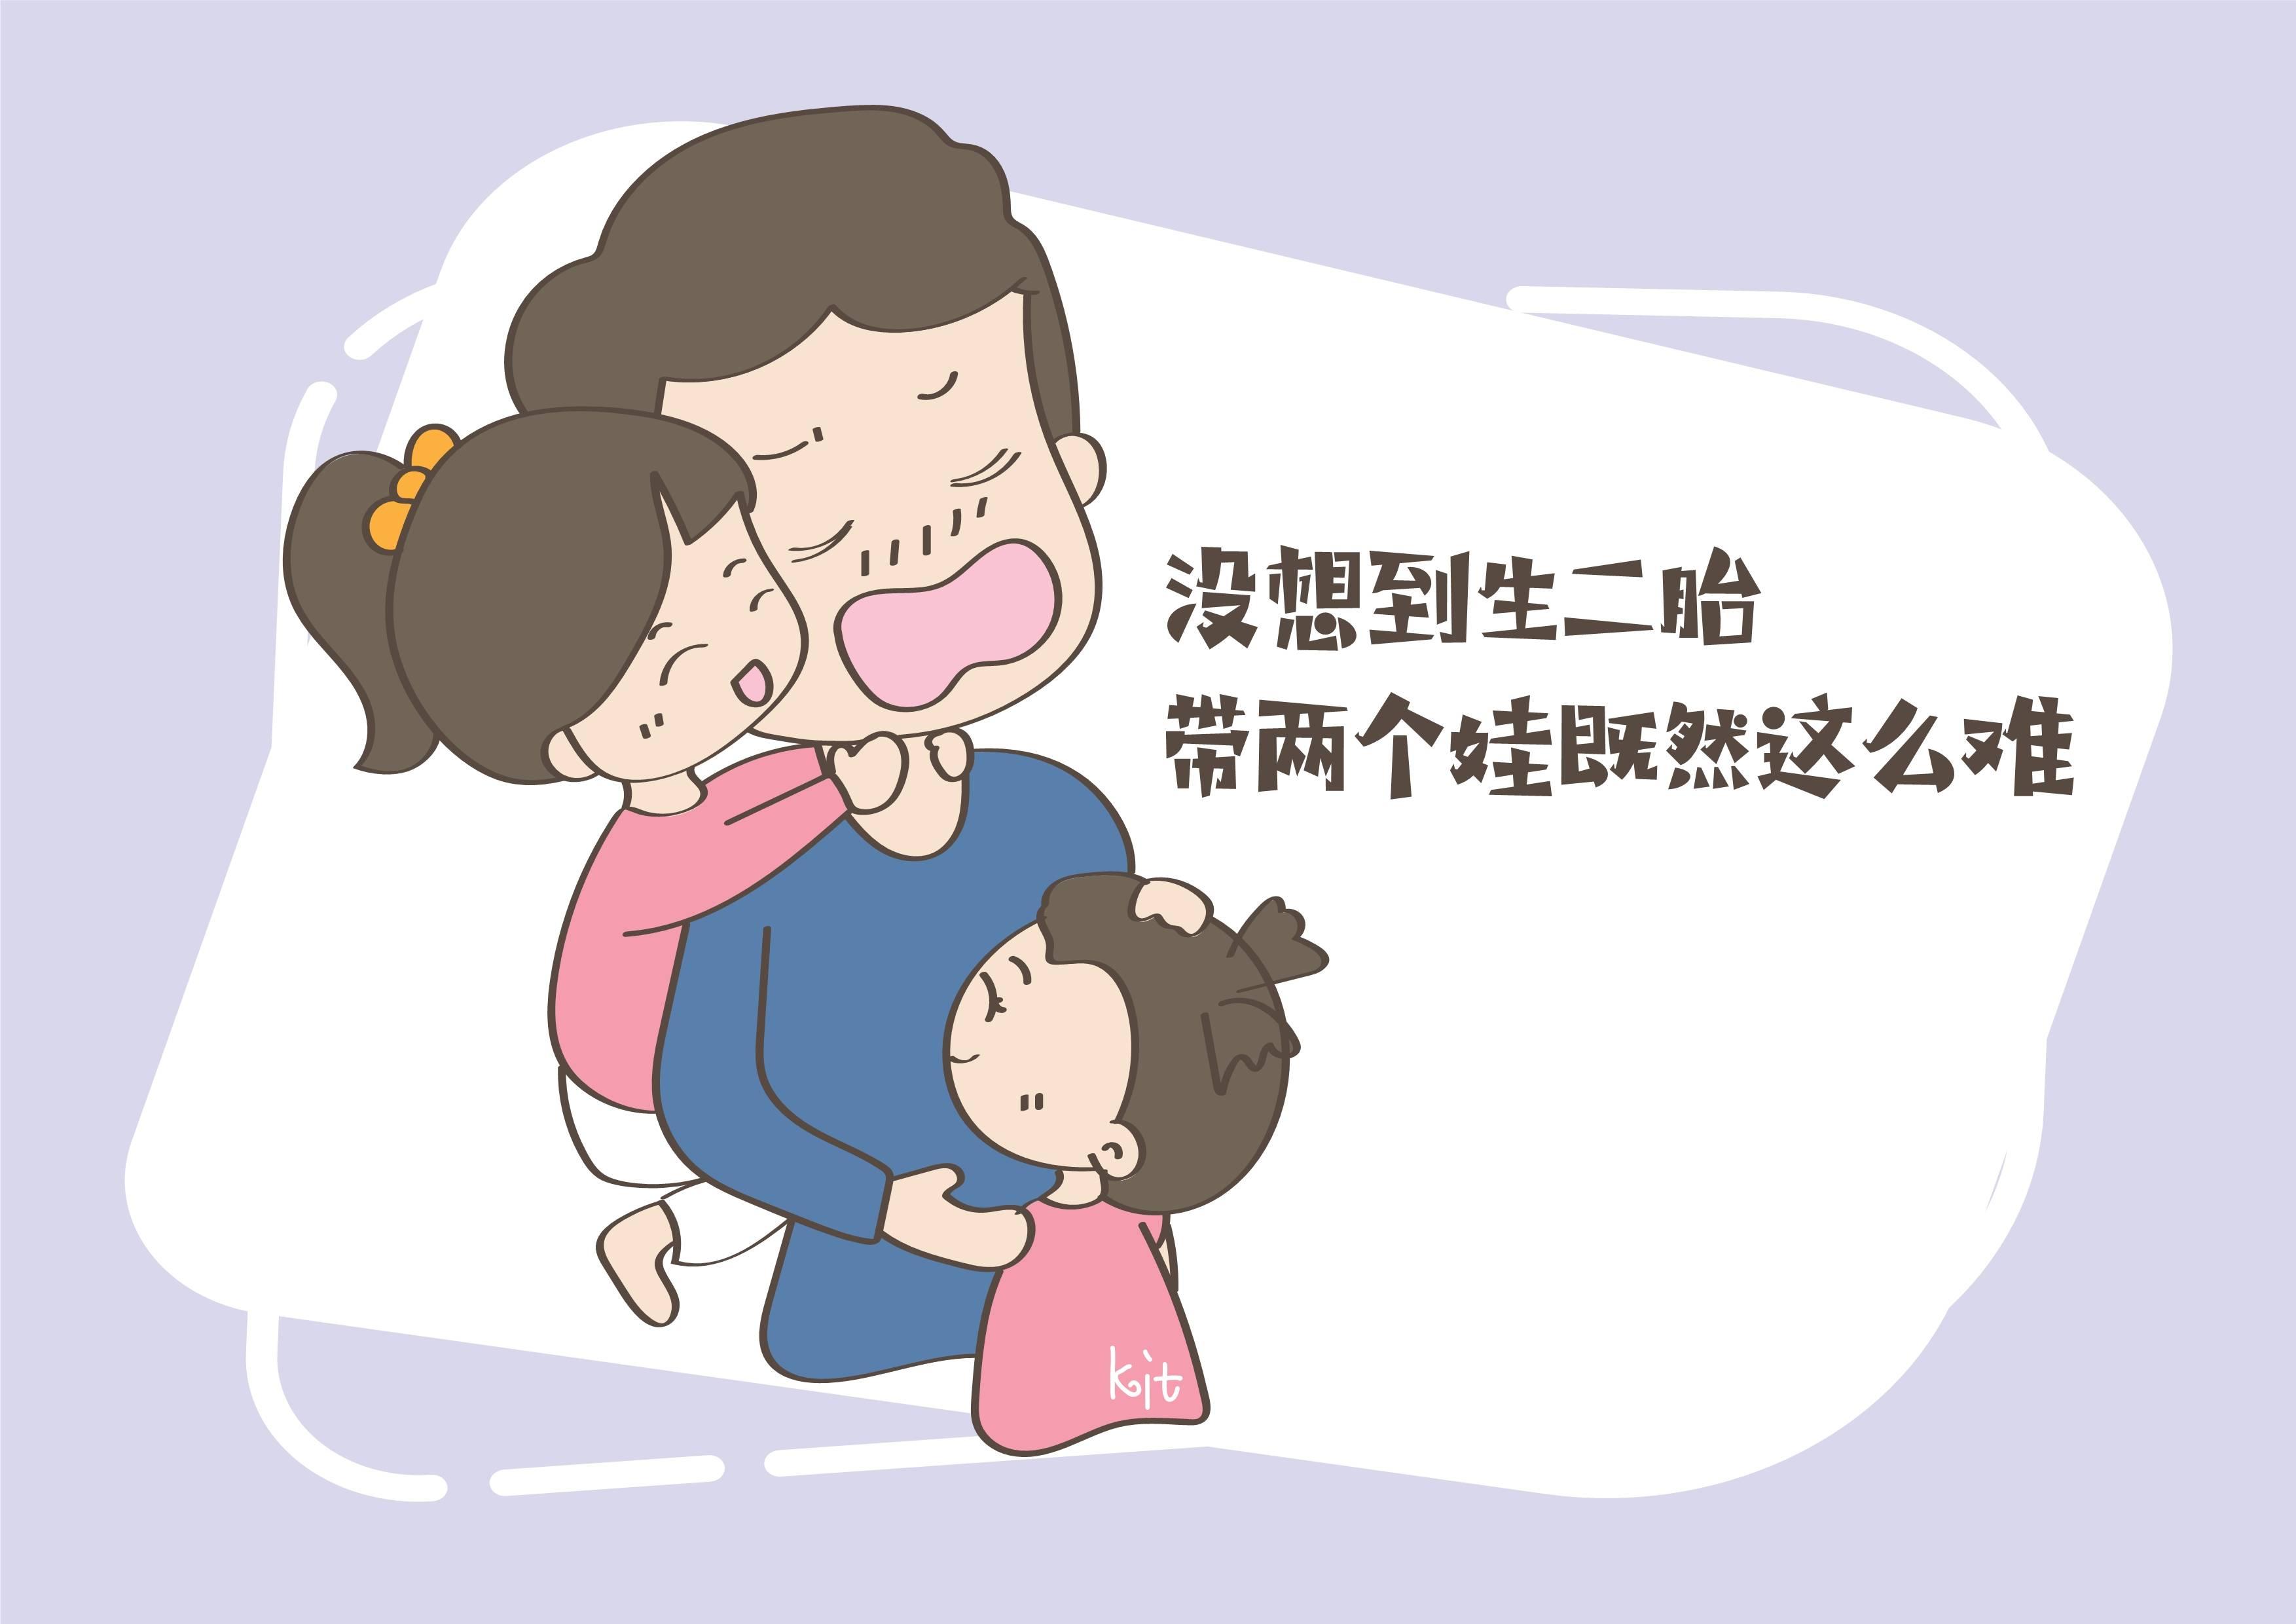 女儿被父亲硬拉洗手间,小女孩的一句回应,让宝爸瞬间脸红